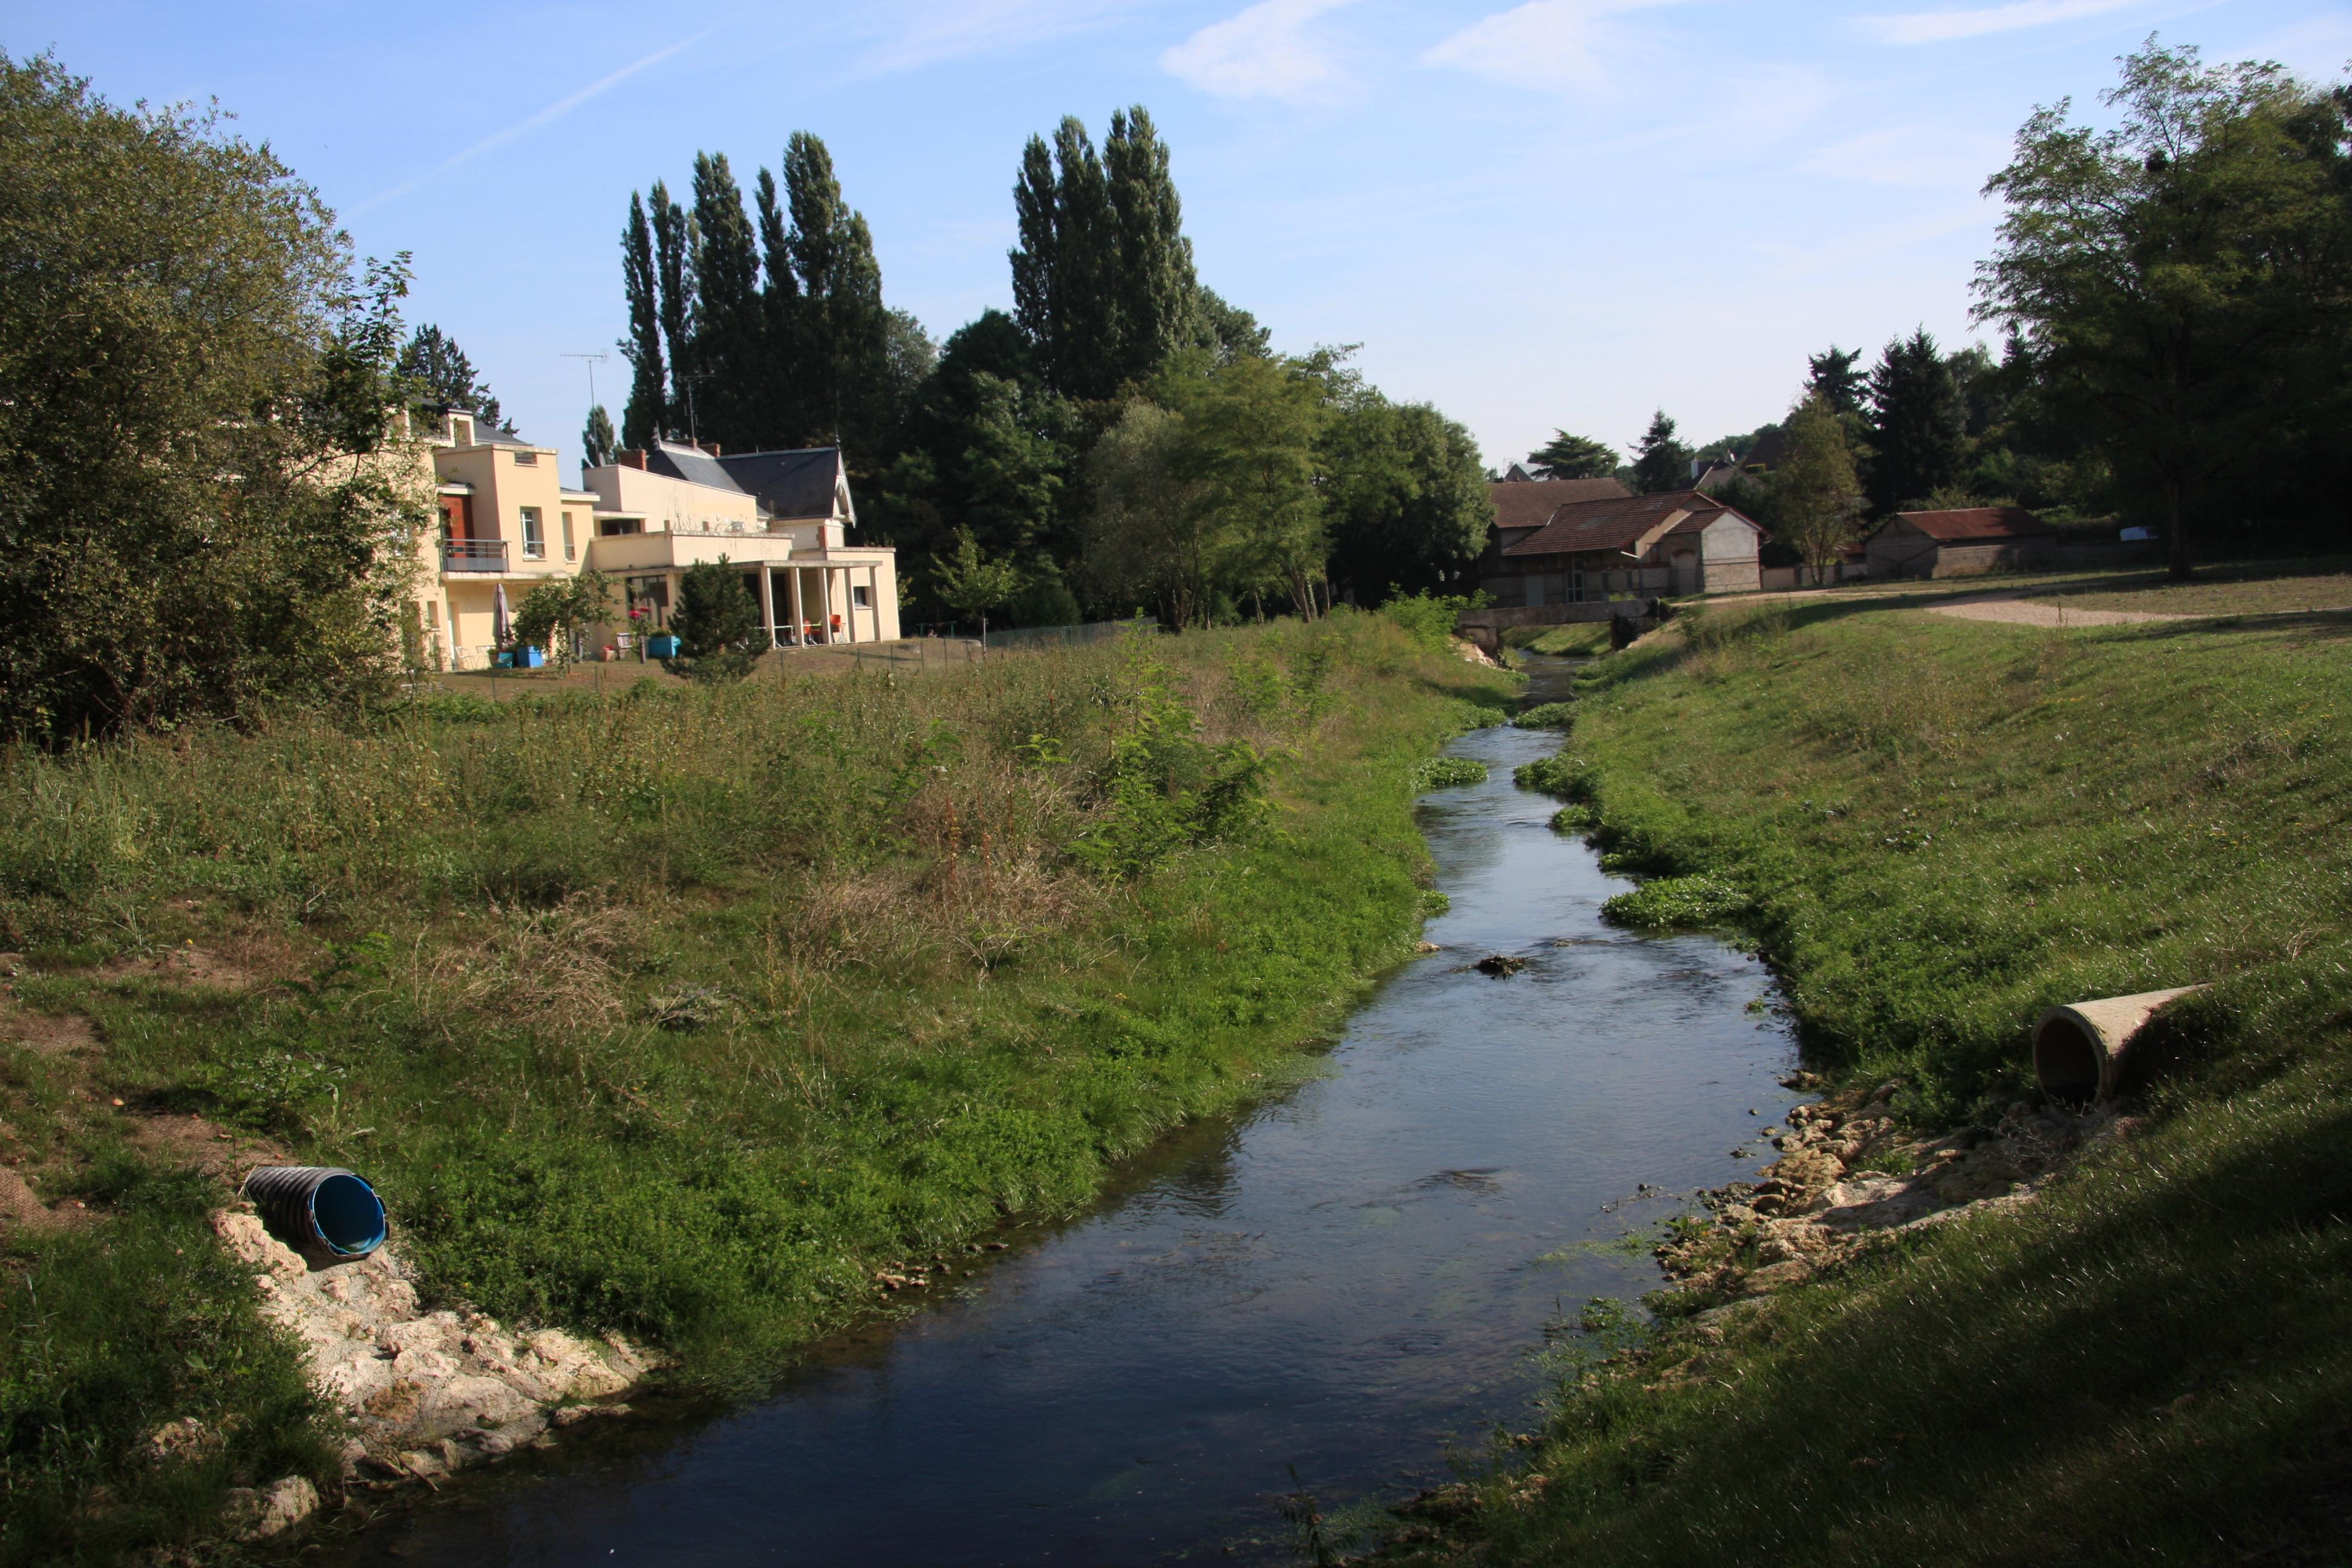 Restauration du Gault à Château-Renault (37) - Le Gault en aval des abattoirs communaux (après les travaux)